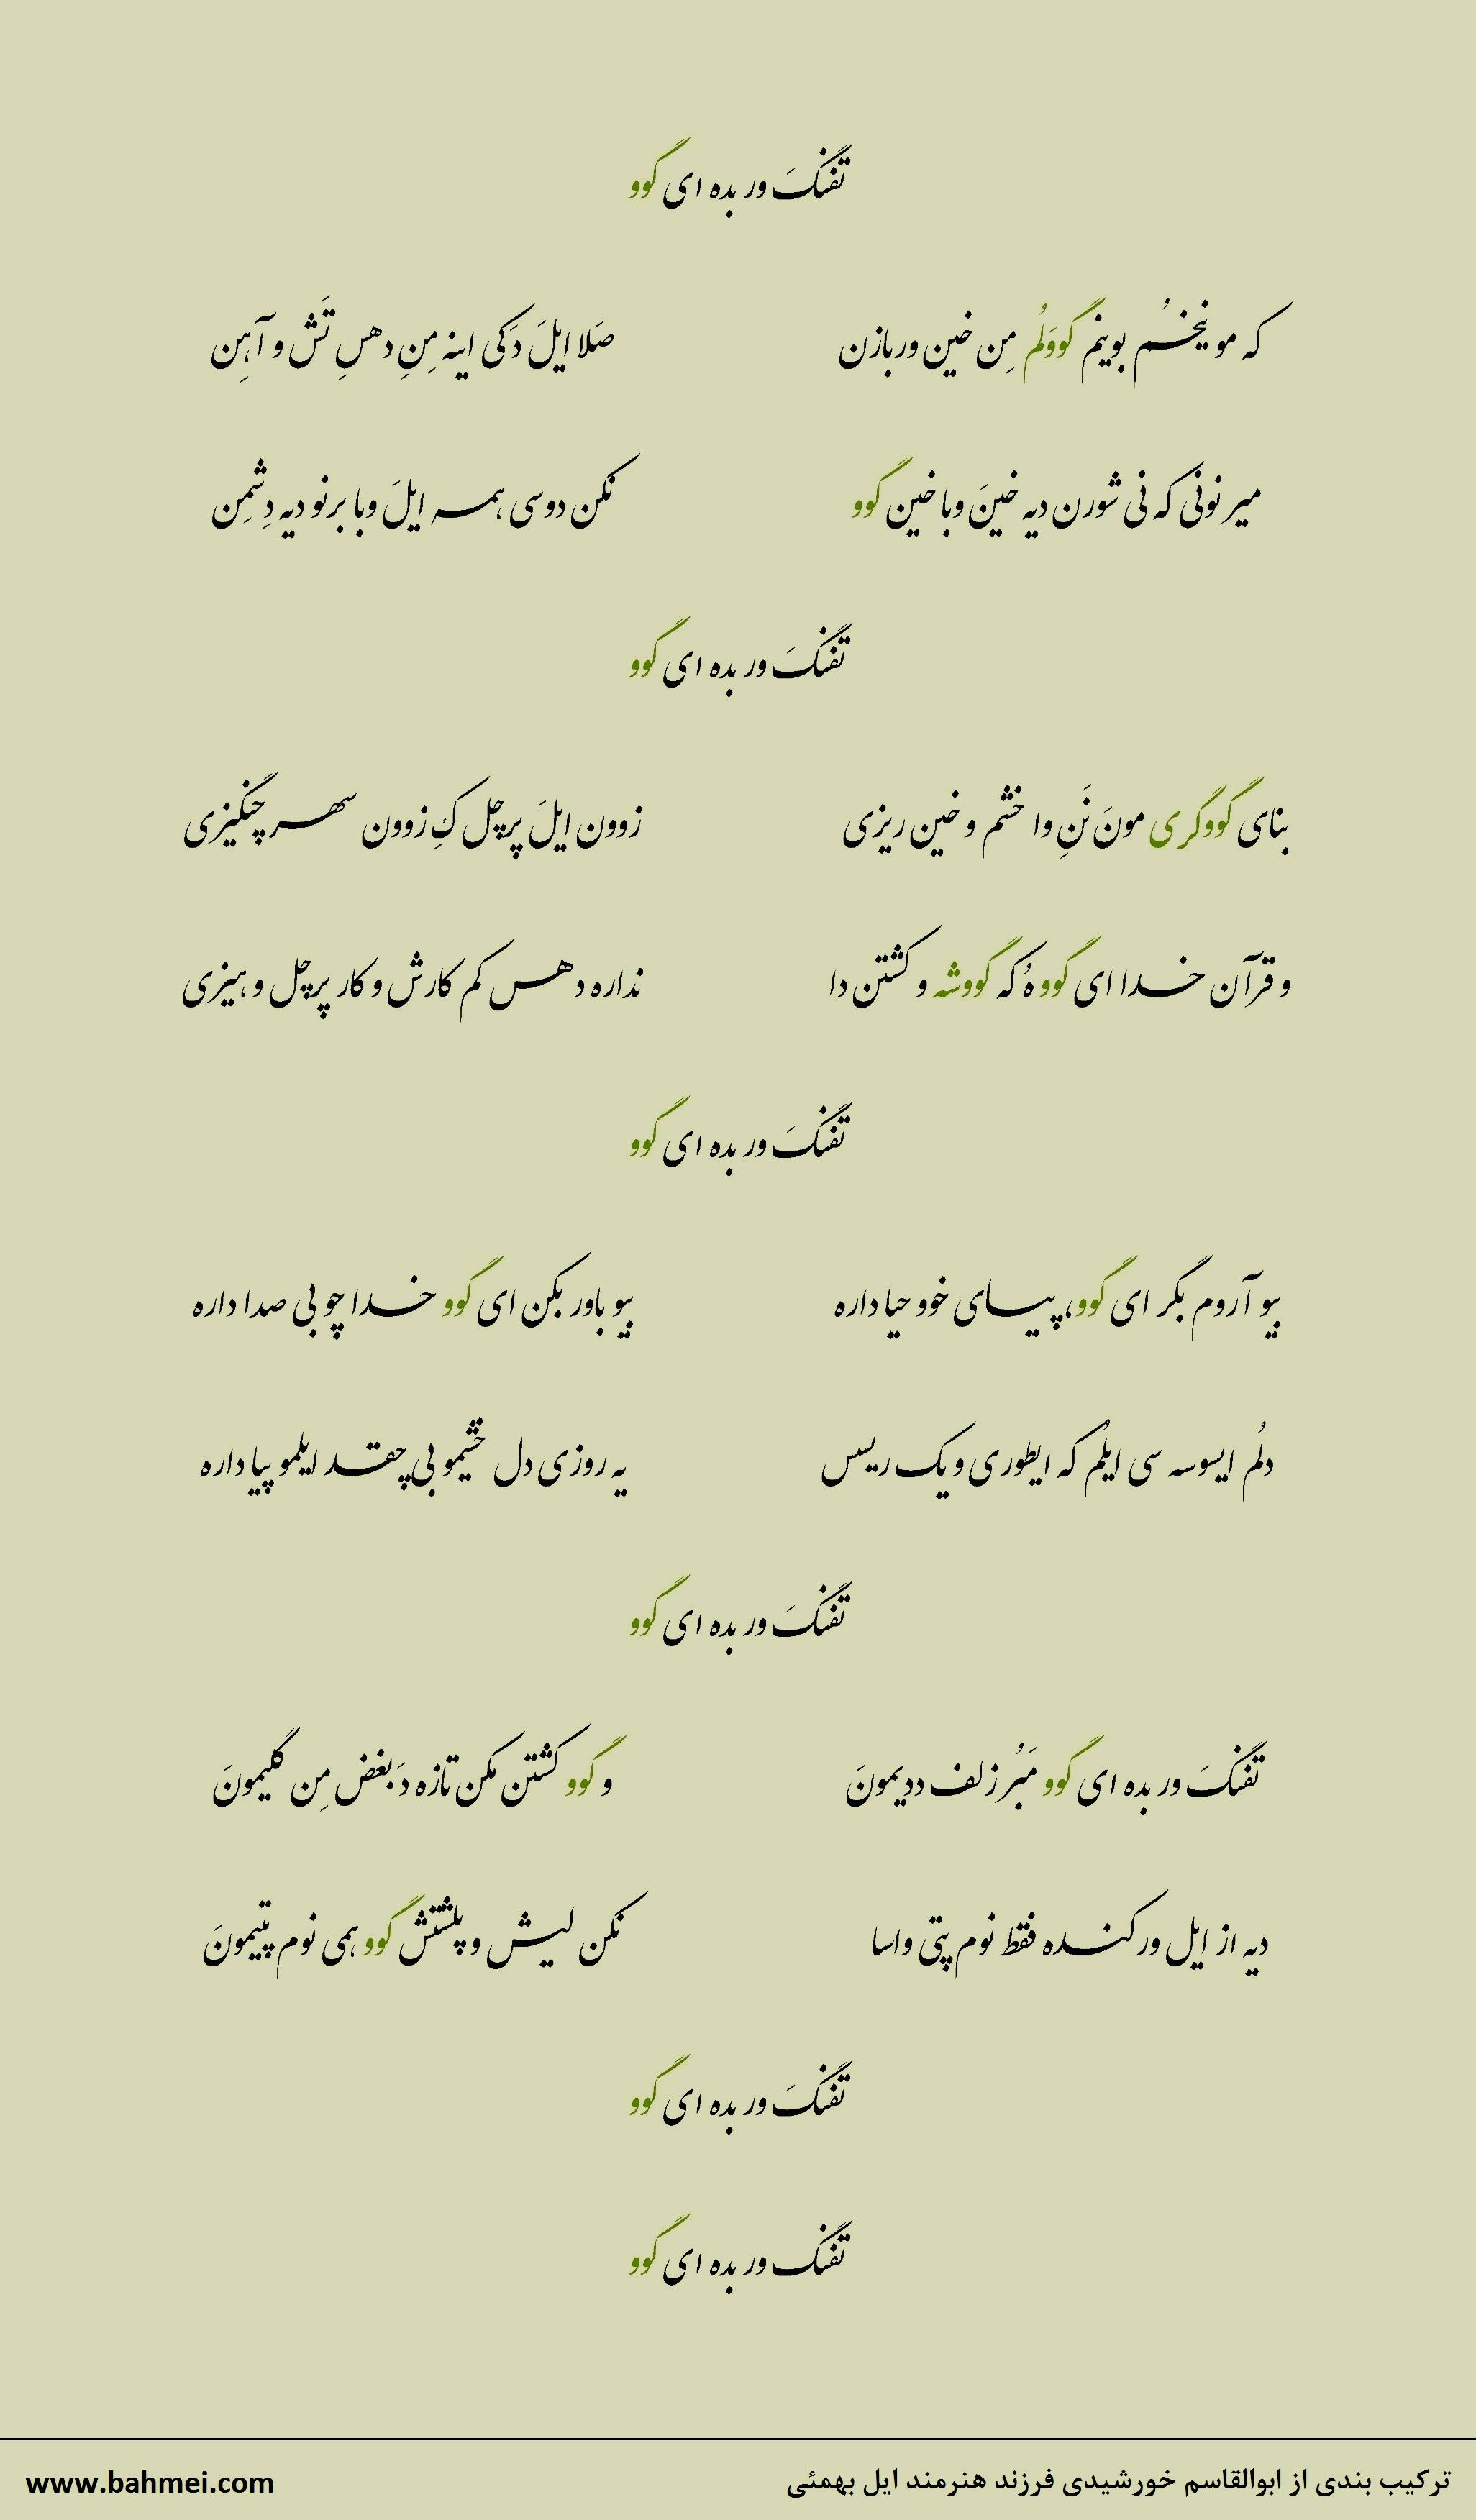 تفنگ ور بده ای گوو: شعری از ابوالقاسم خورشیدی درباره بازگشت به اصالتهای ایل بهمئی